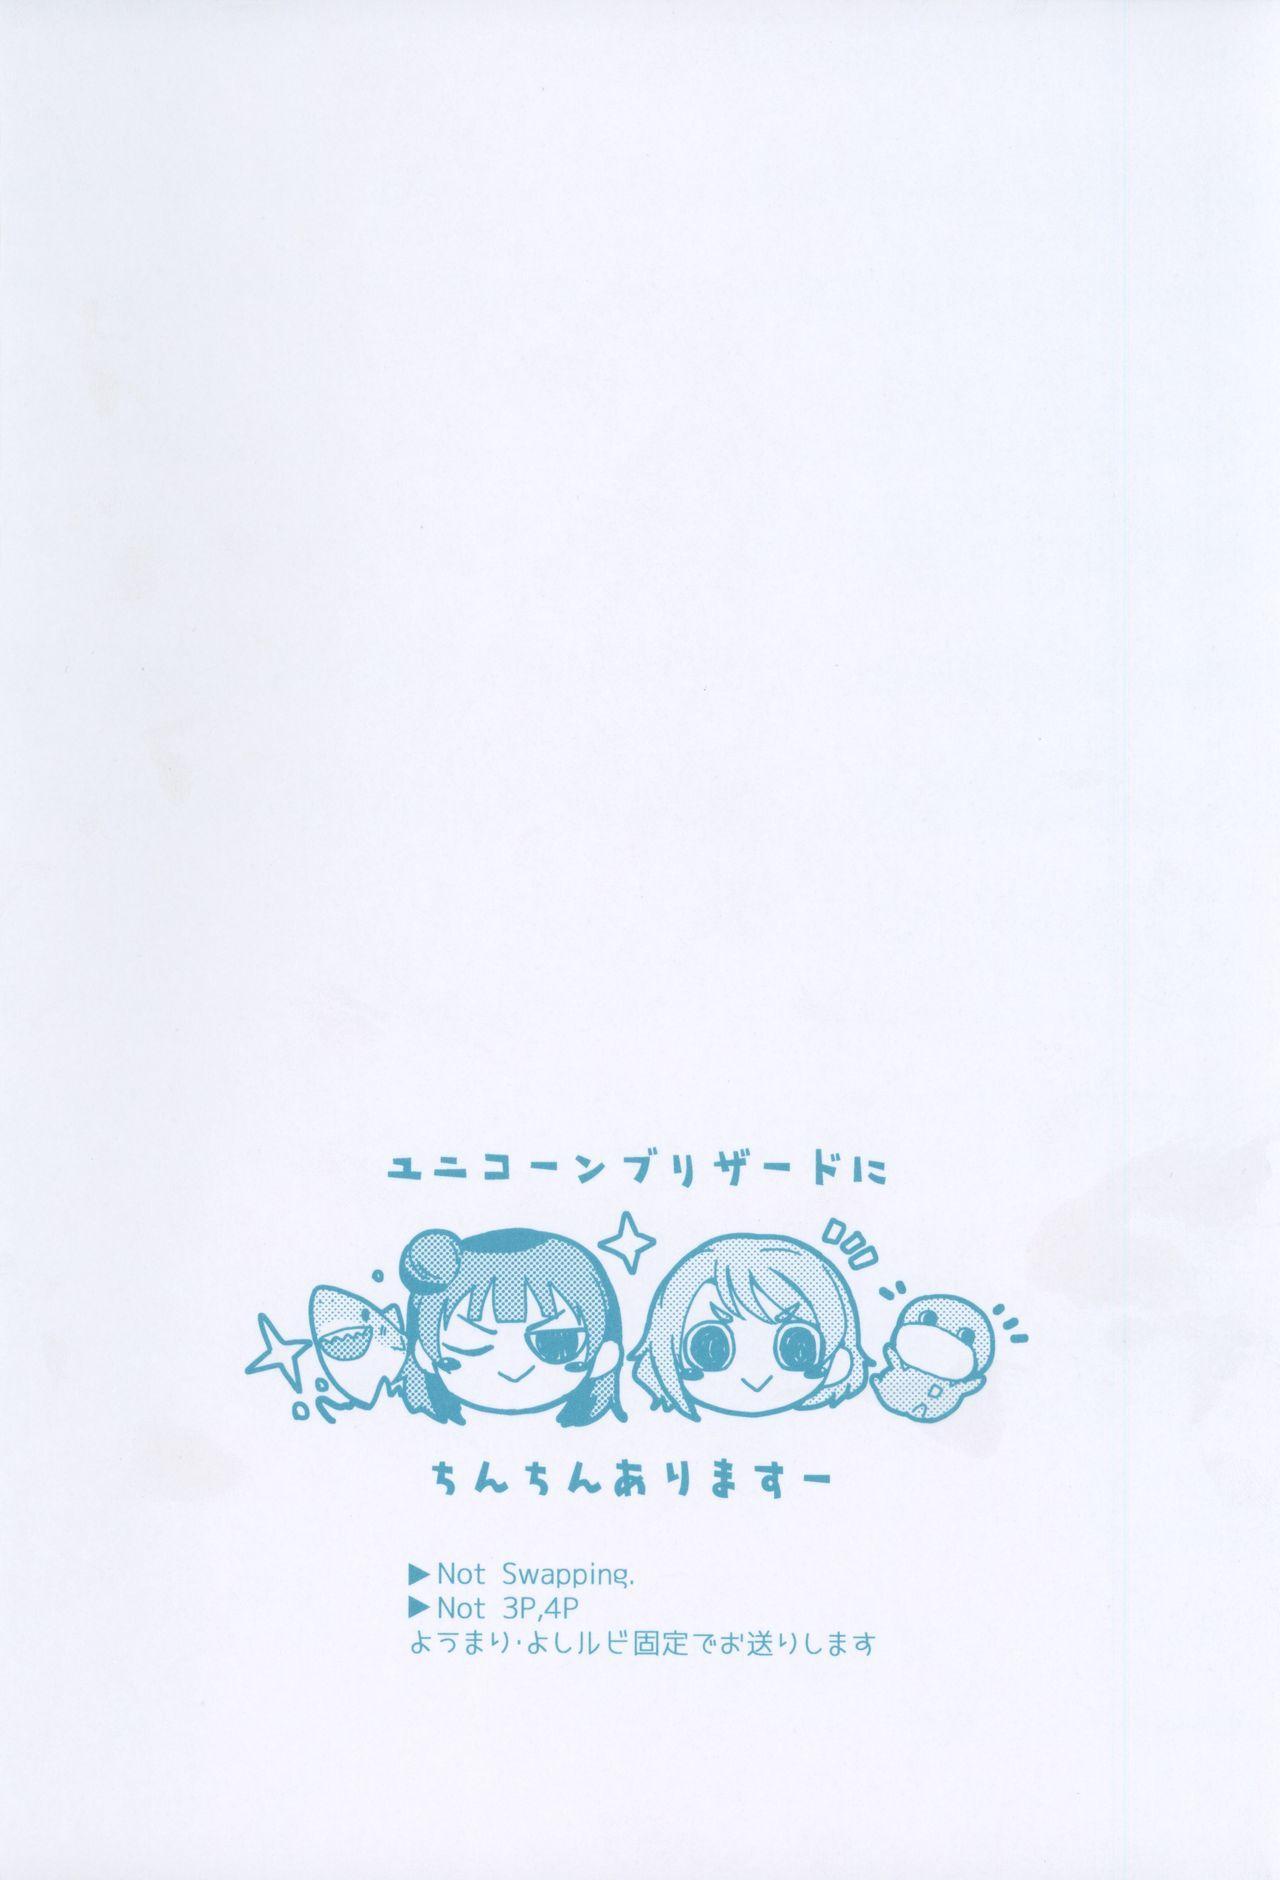 Jimoai DE Mantan Uchiura Girls 1